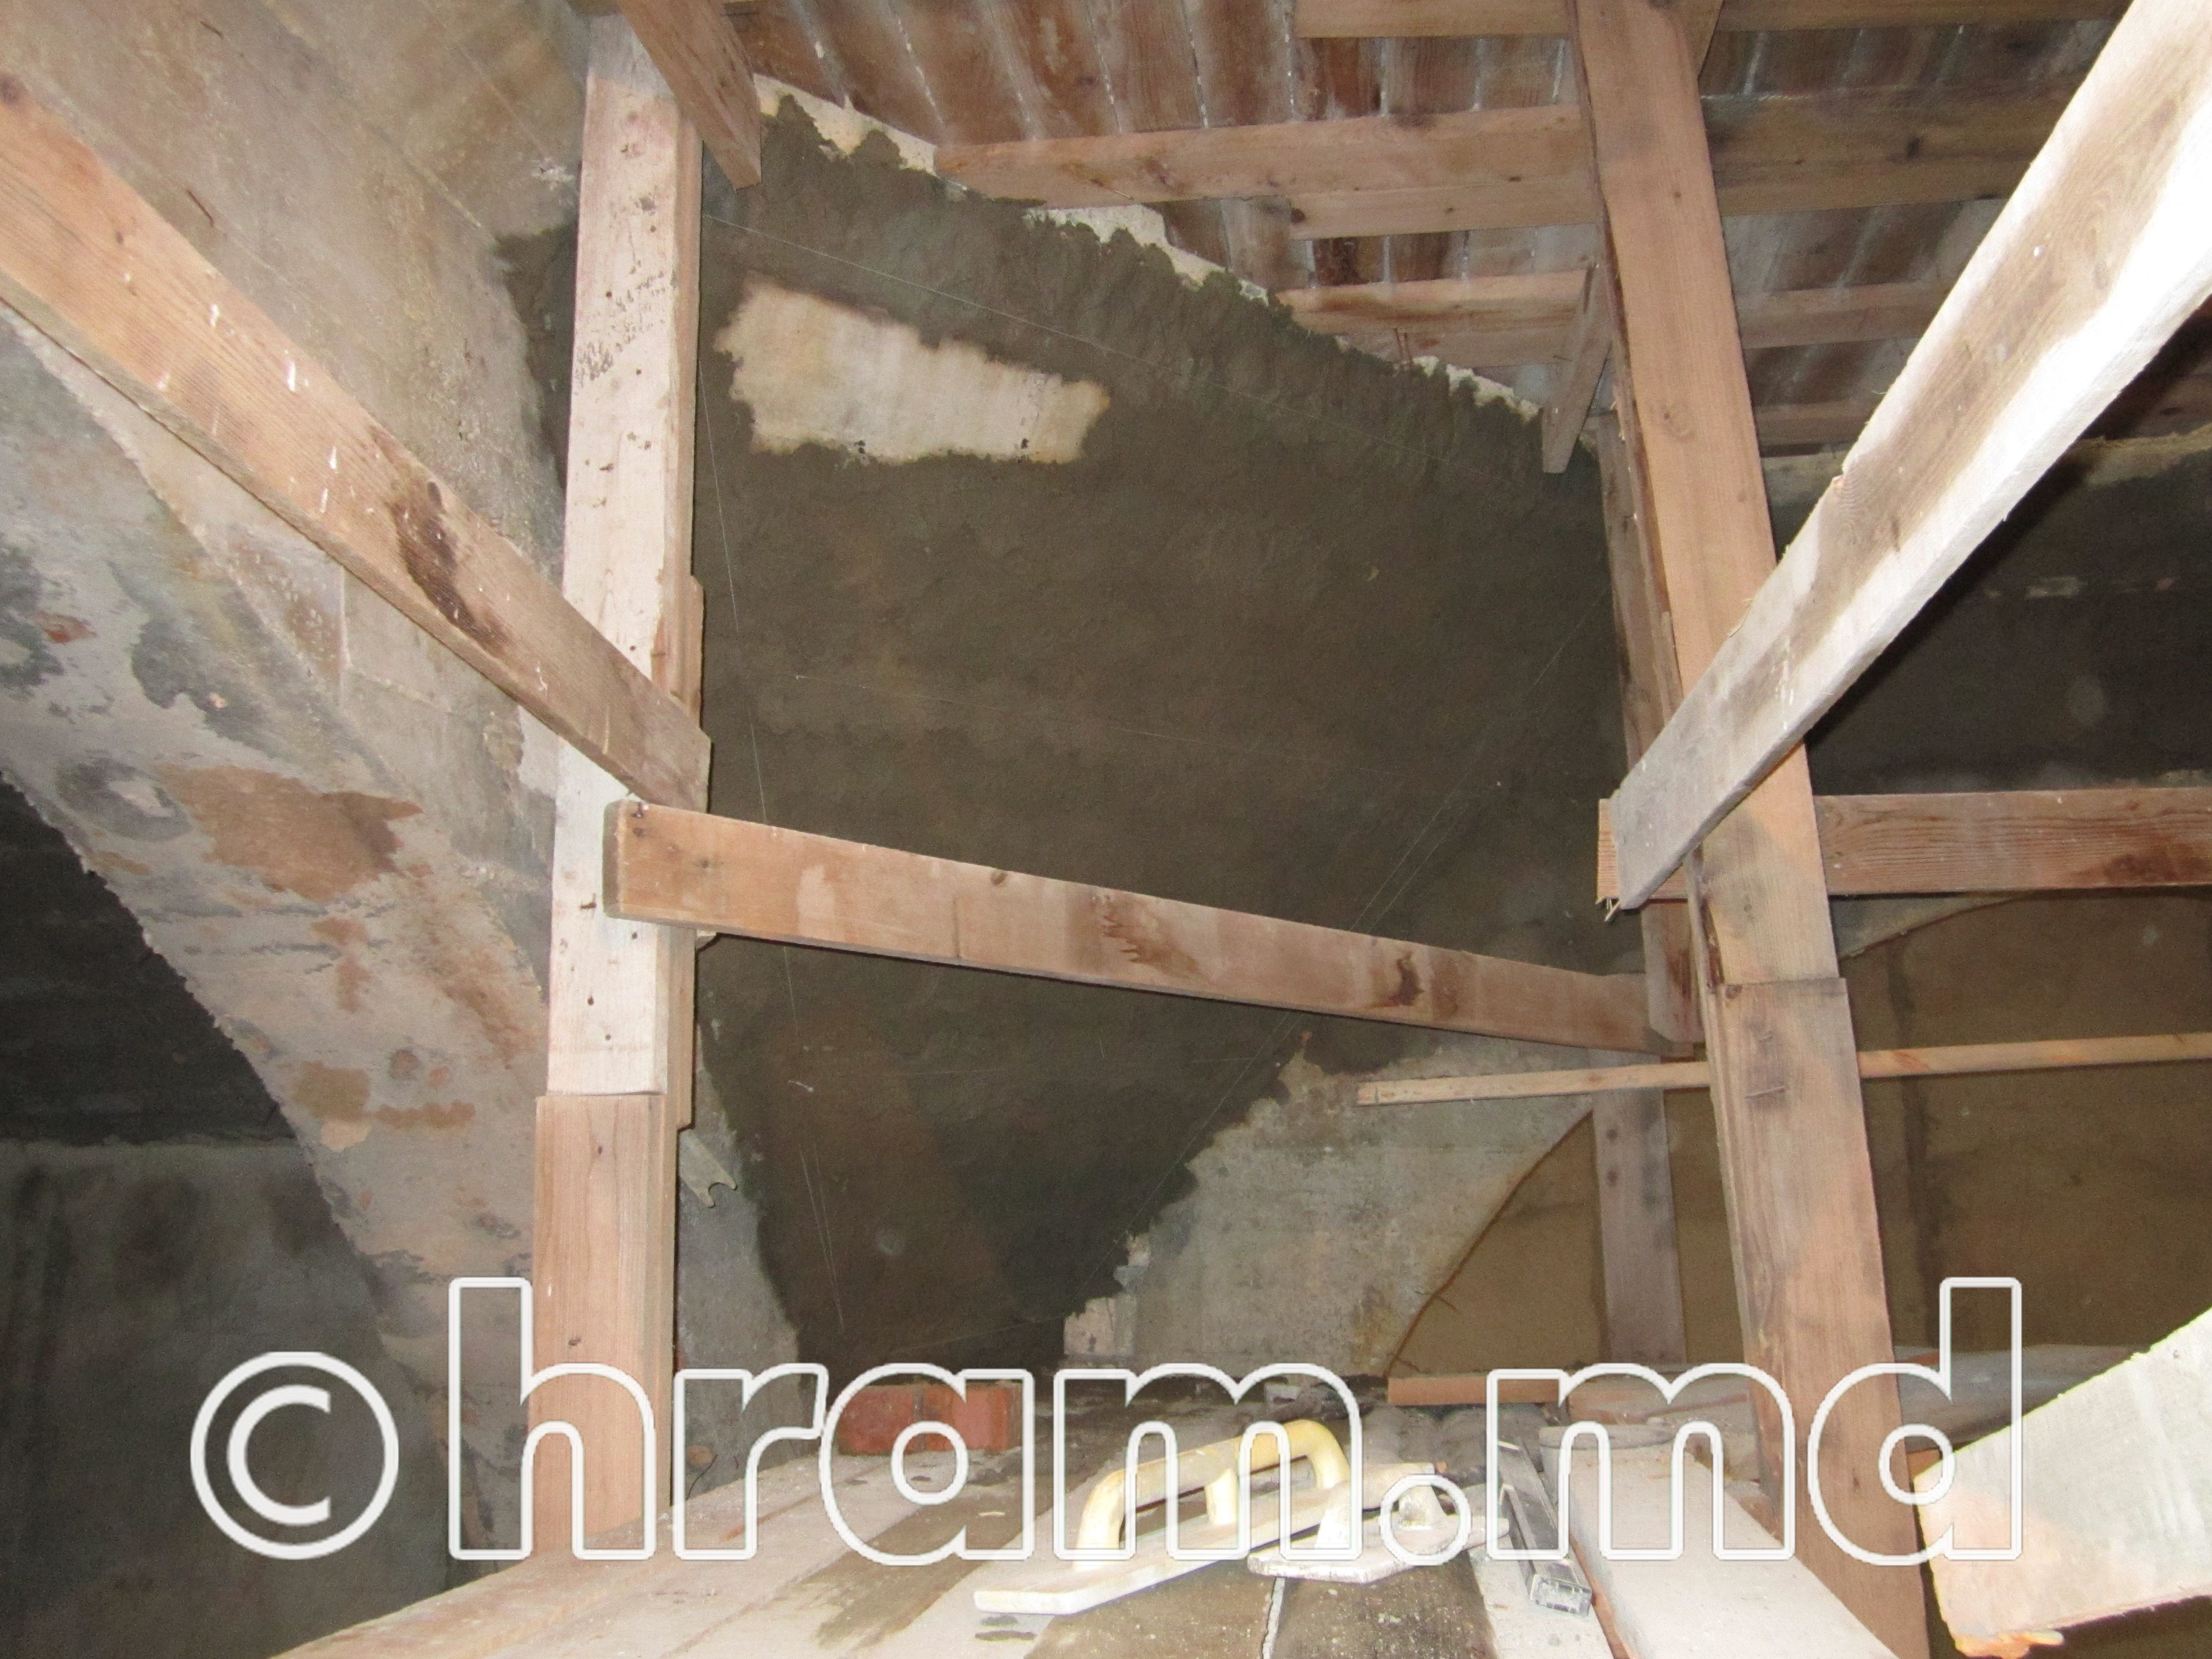 Внутренние отделочные работы в храме села Чишмикиой продолжаются